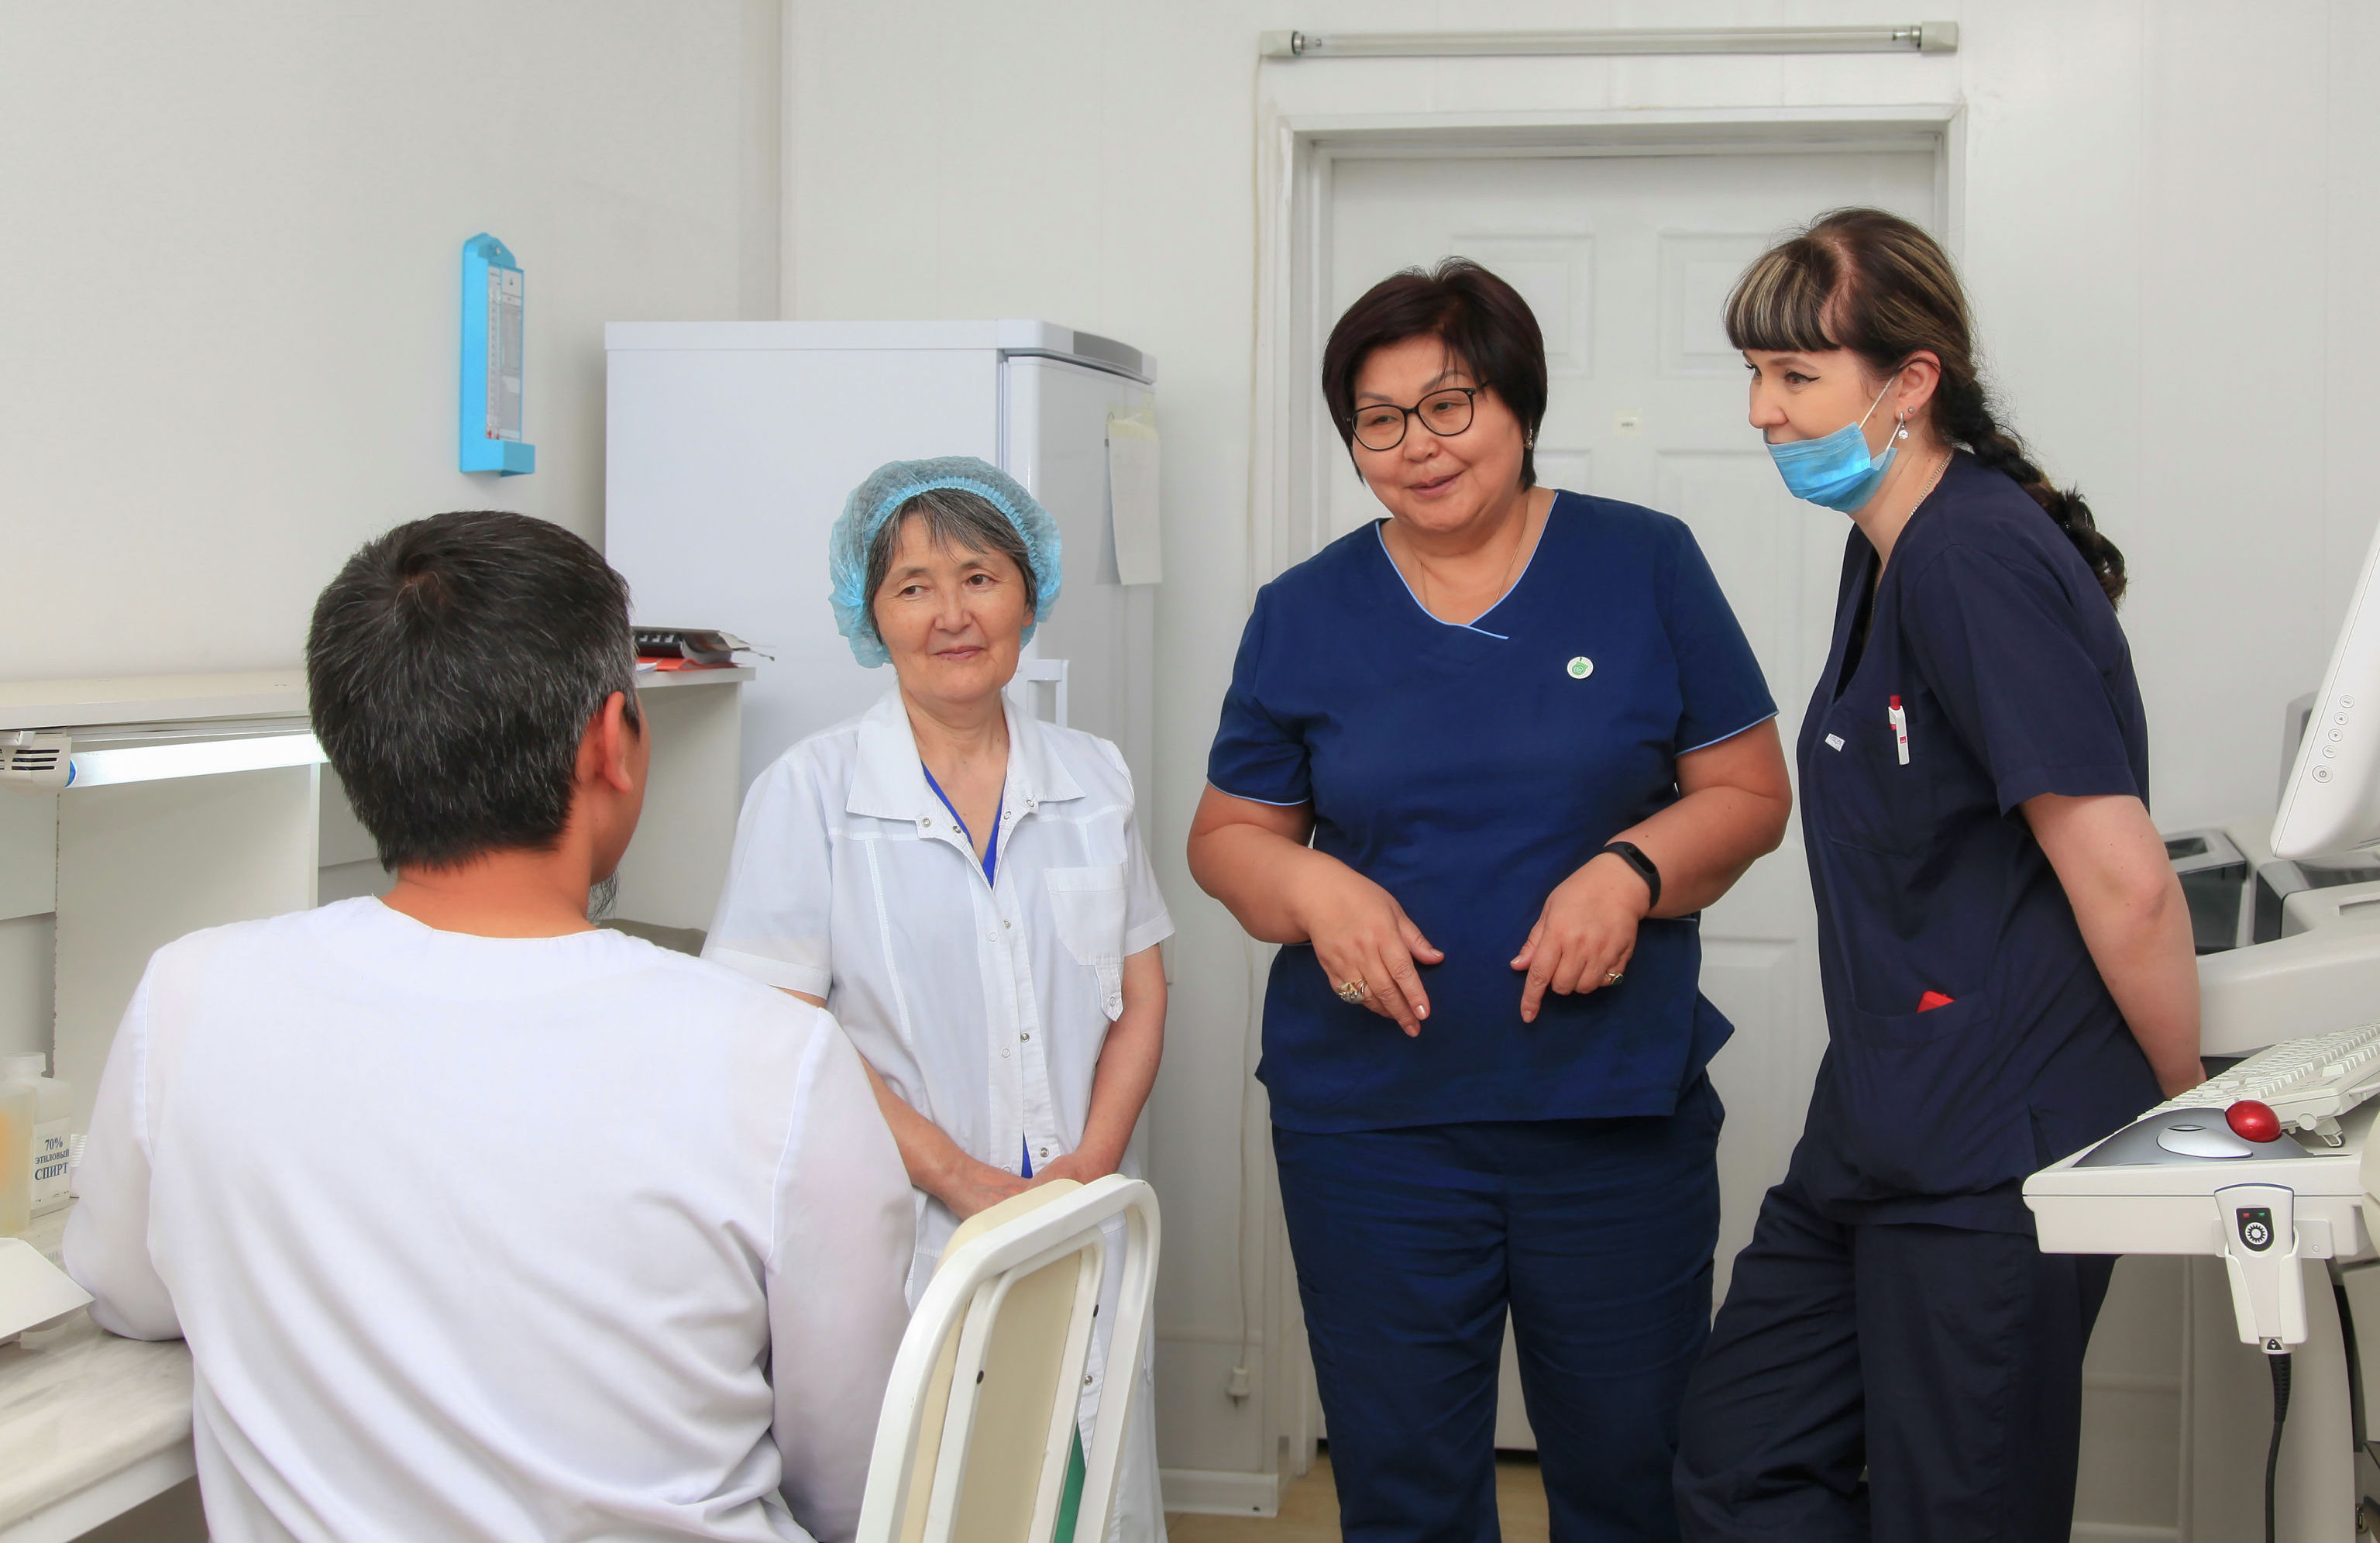 Профессор, доктор медицинских наук, директор клиники Гульнара Асымбекова (вторая справа) с коллегами